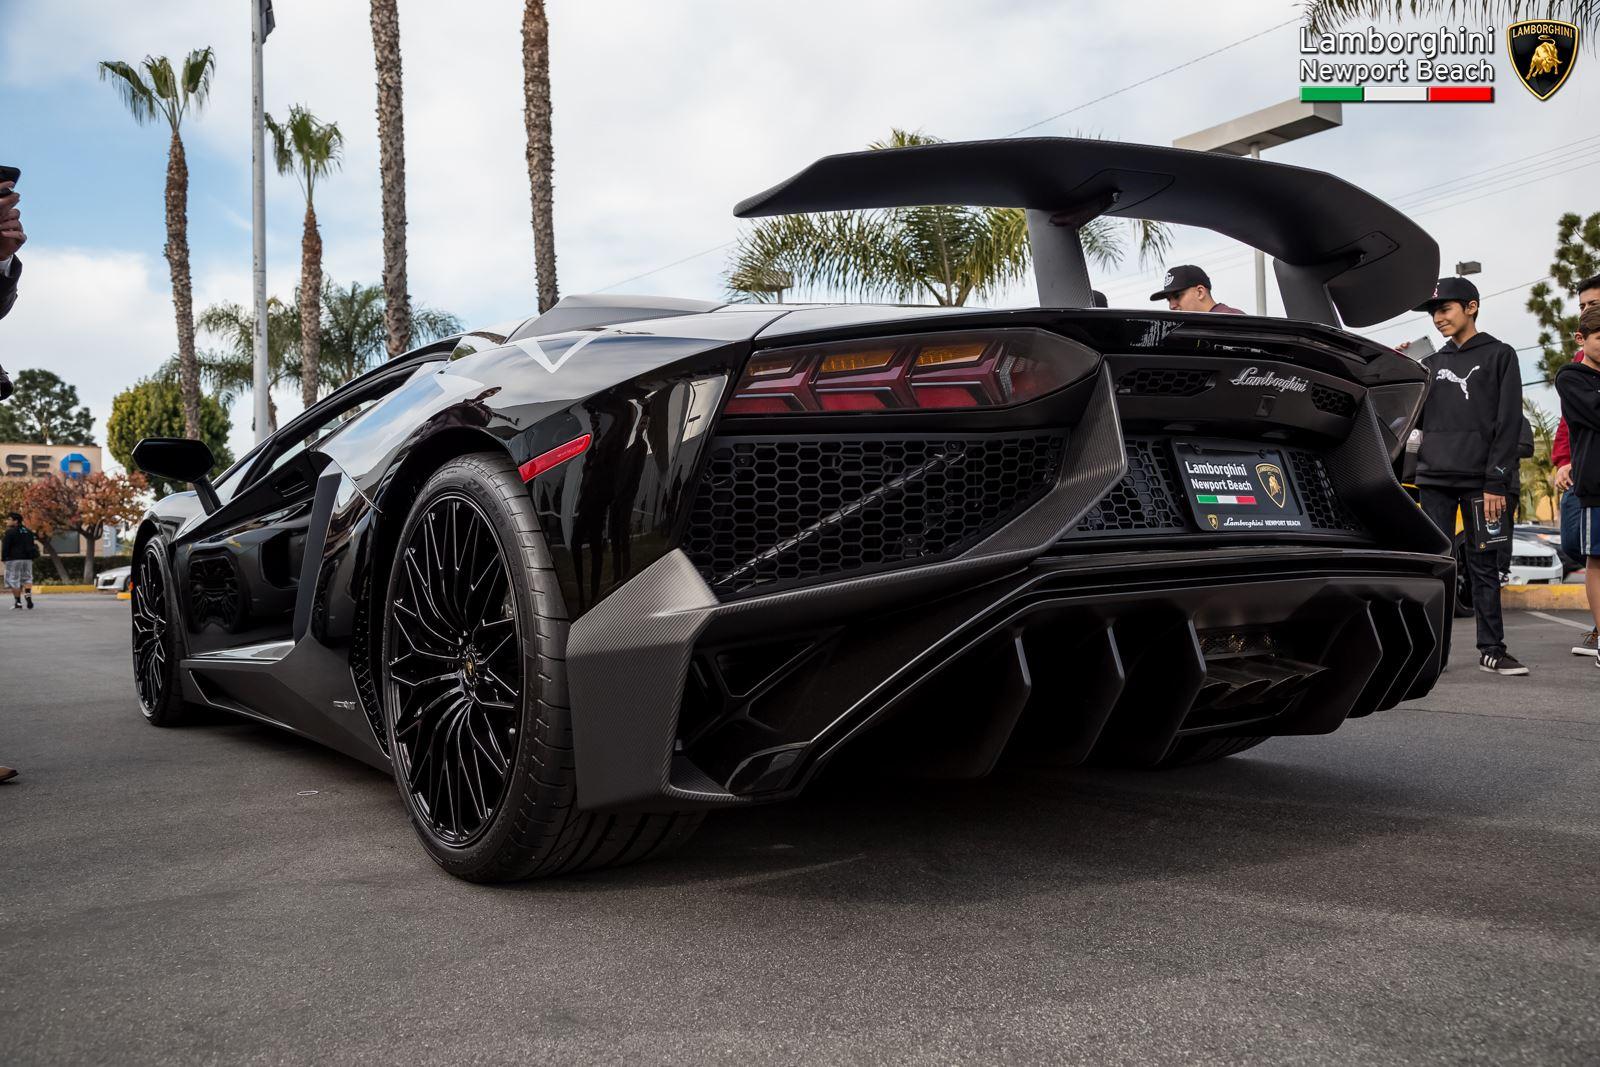 Lamborghini Newport Beach Kicks Off 2016 With Supercar Orgy Gtspirit